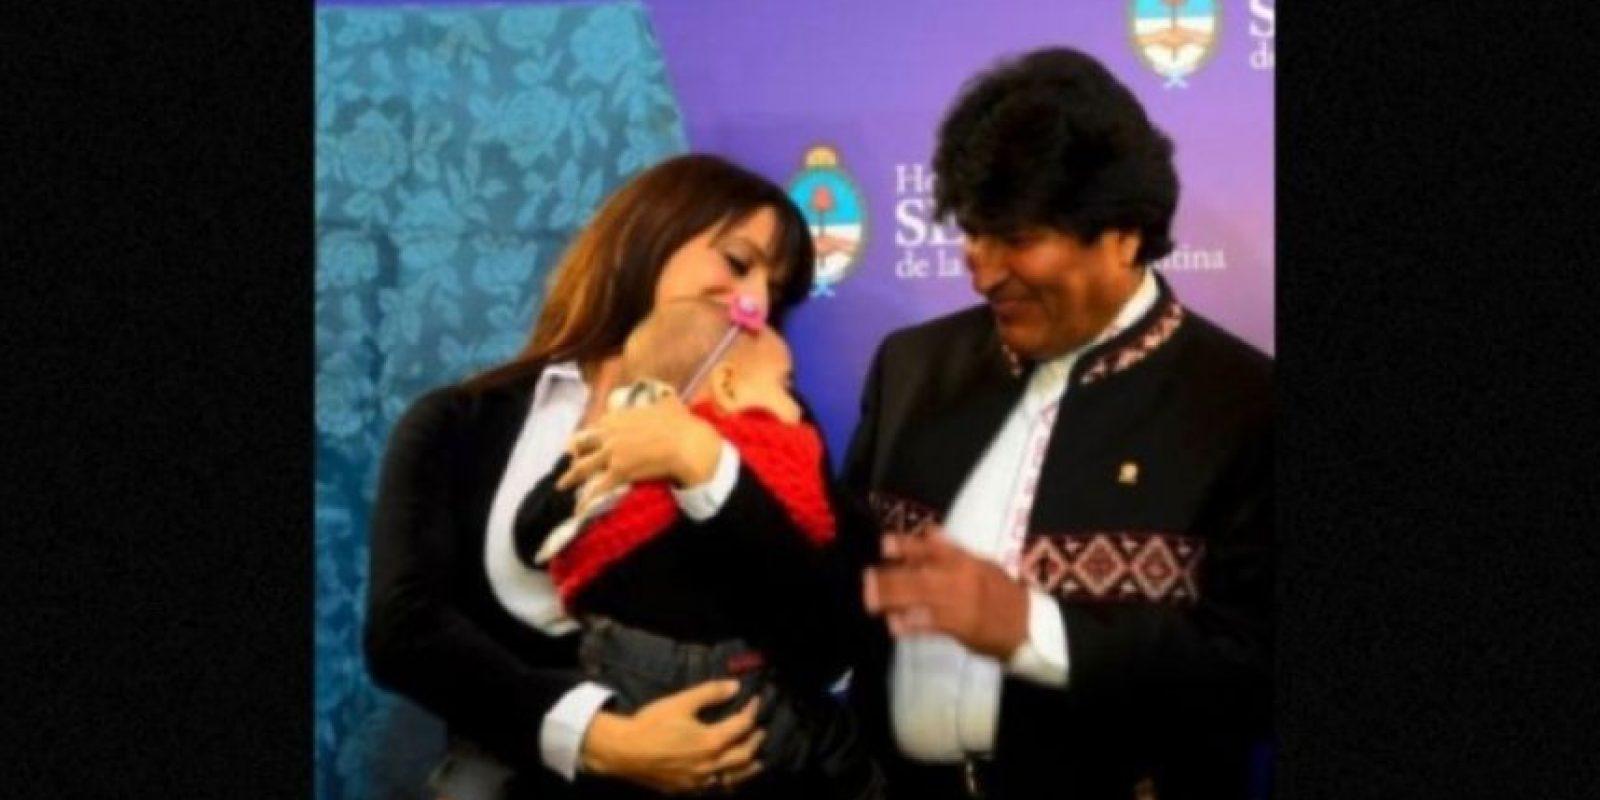 Se llama Victoria Donda Pérez y es diputada nacional en Argentina. Foto:Facebook.com/pages/Victoria-Donda-Pérez